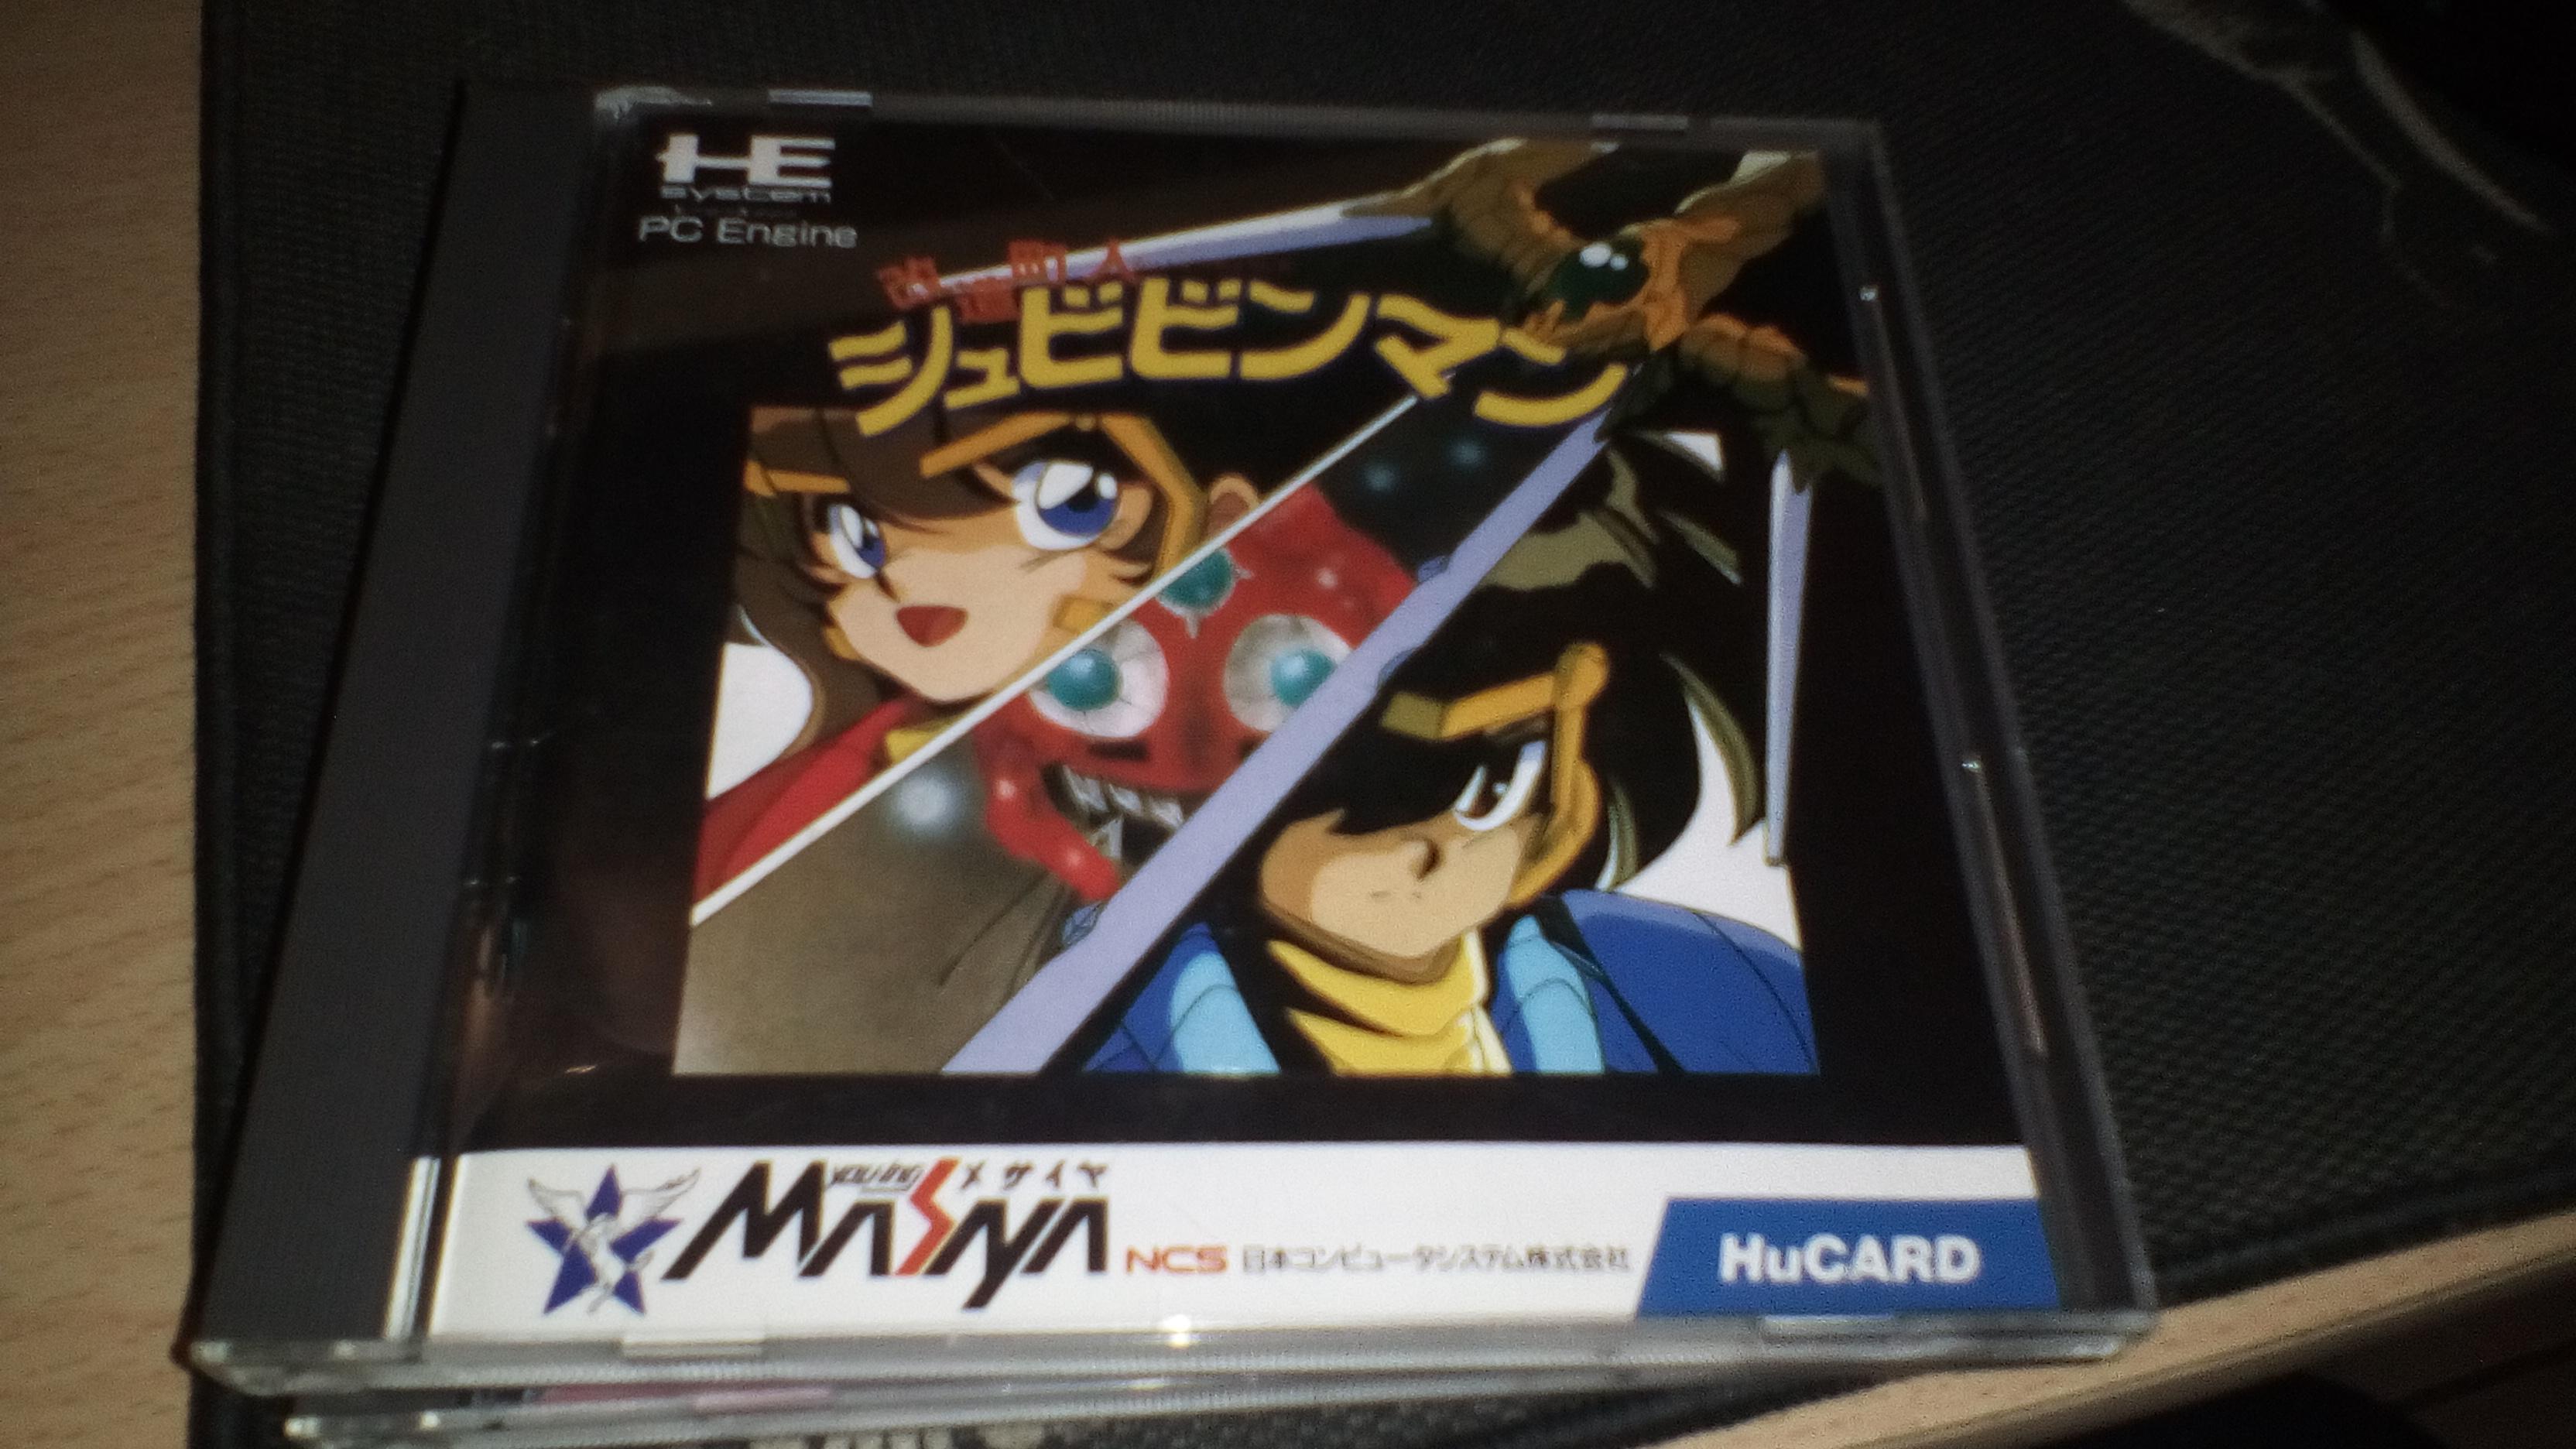 Shop/Ech Gold - Jeux GBA US - Dragon Valor PS1 - JDR Papier - Jeux DS - Zelda 171007024914101023